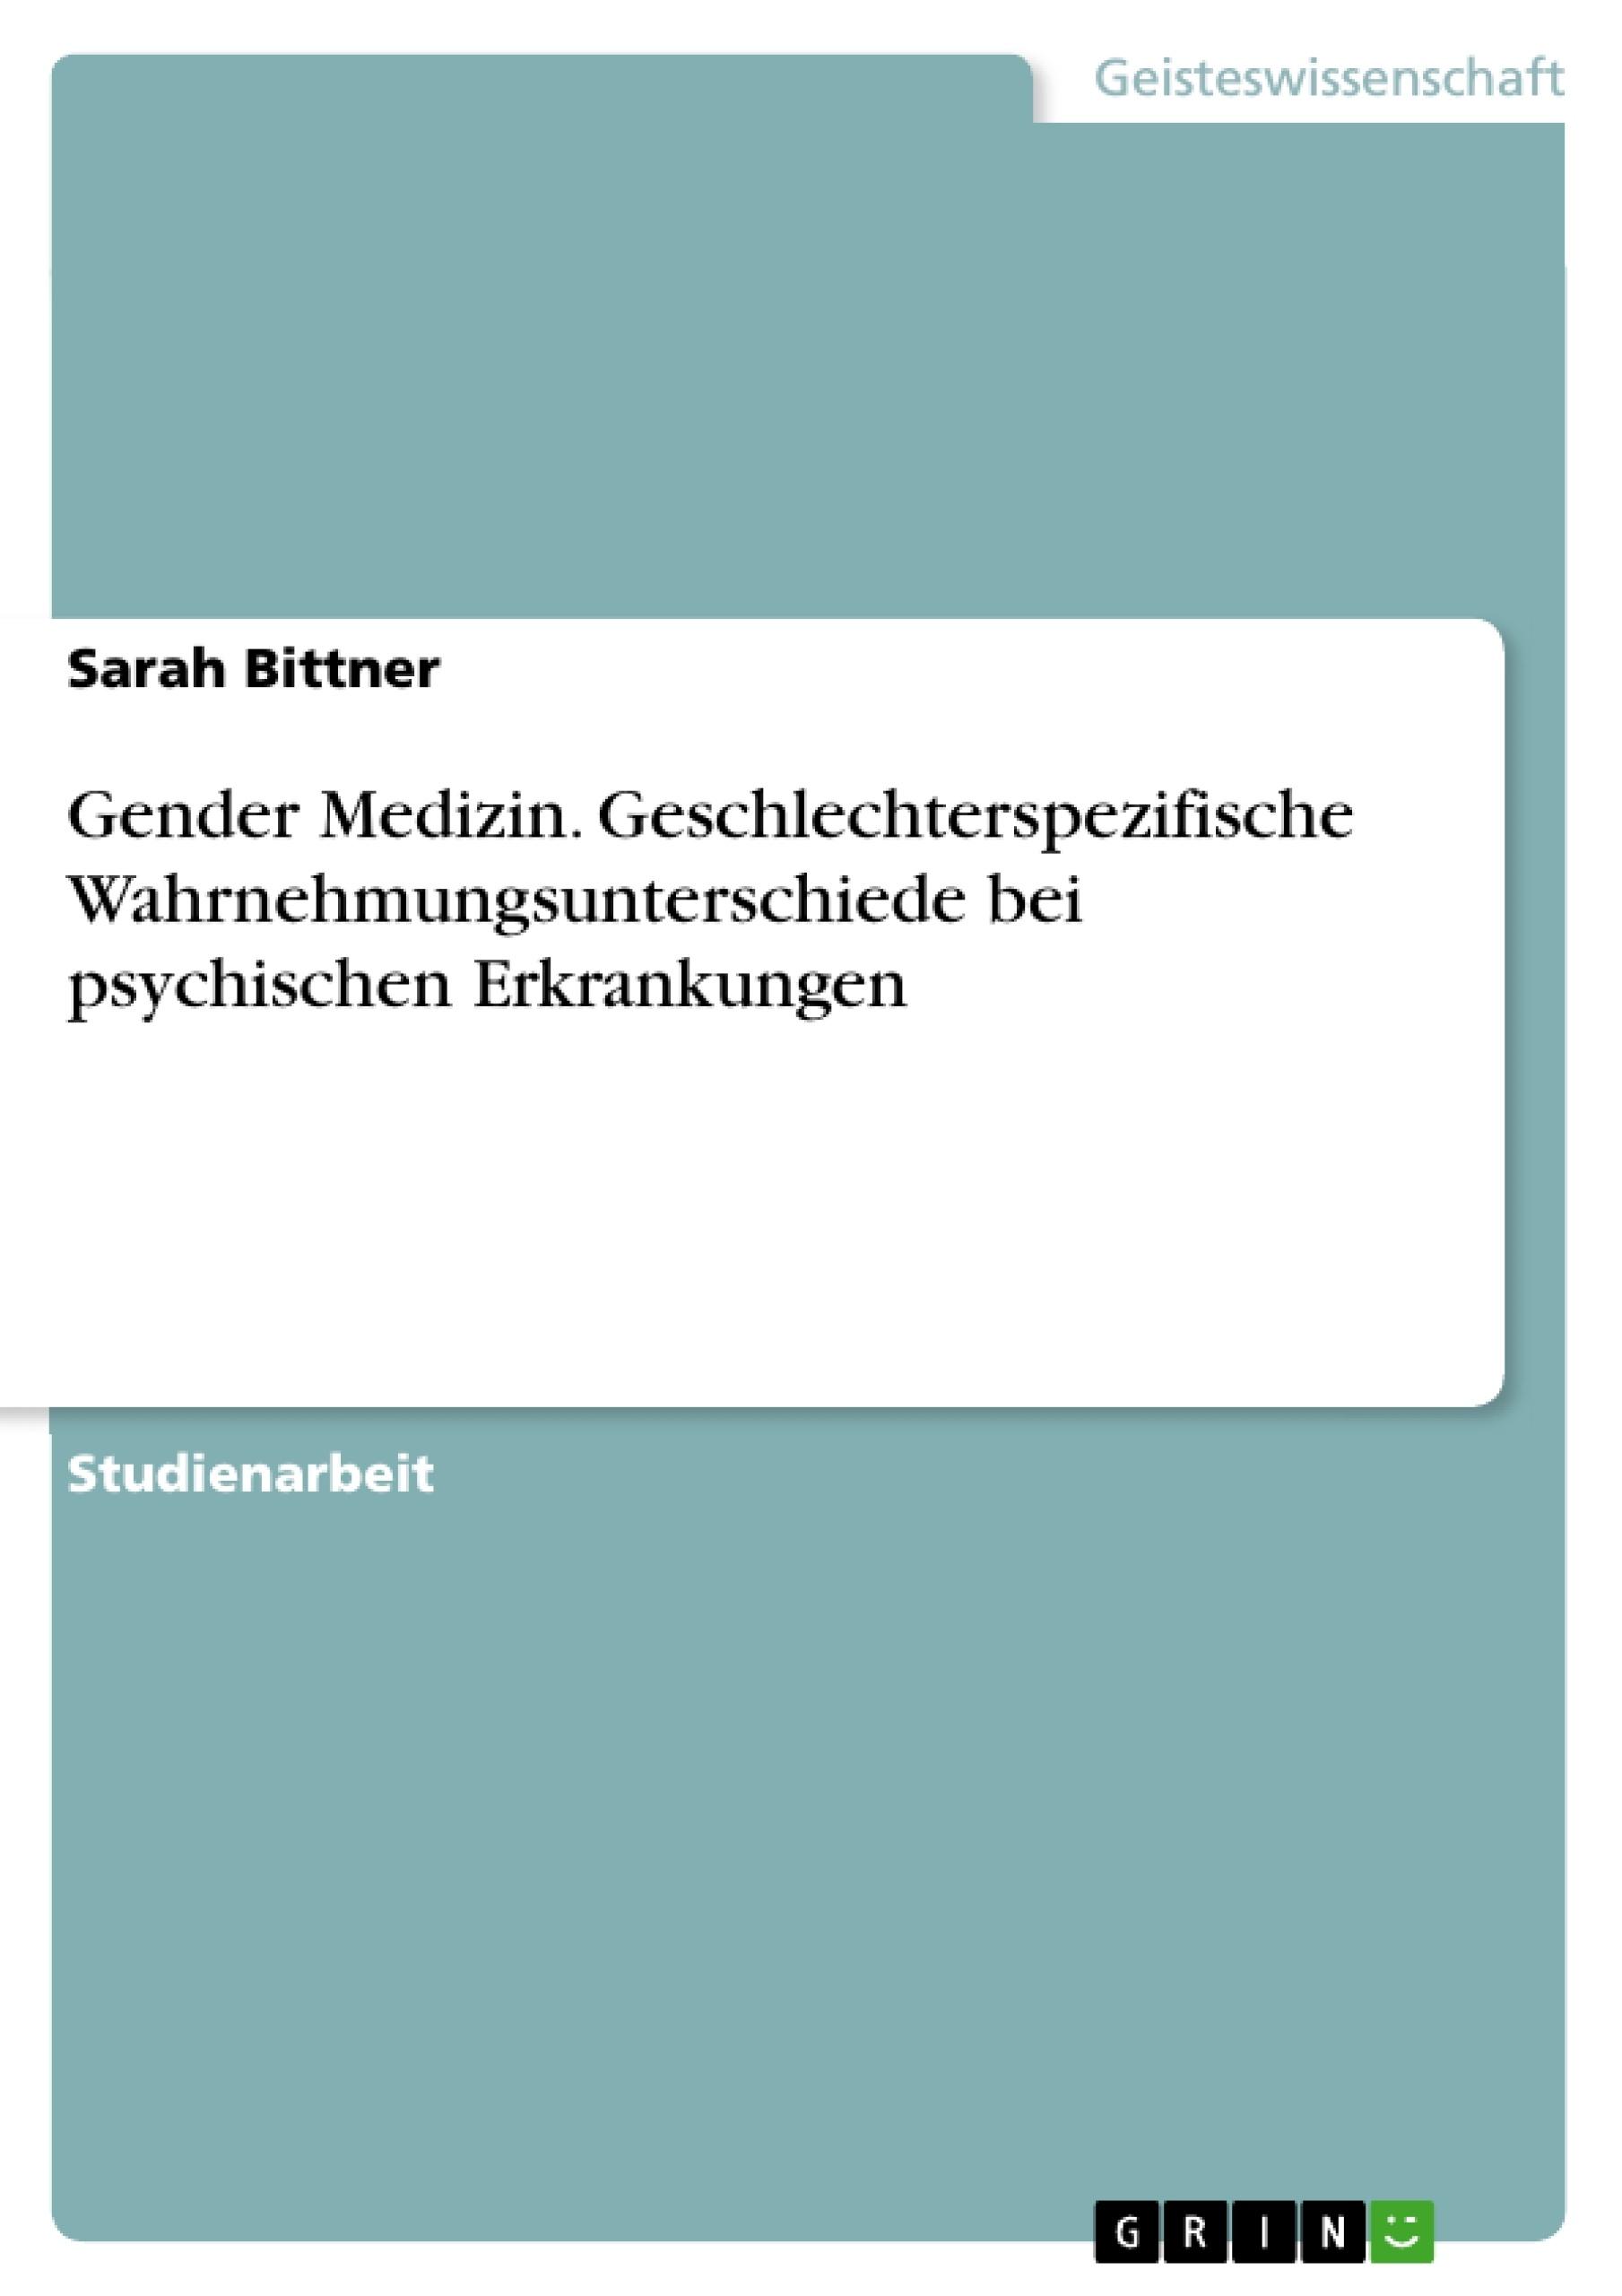 Titel: Gender Medizin. Geschlechterspezifische Wahrnehmungsunterschiede bei psychischen Erkrankungen